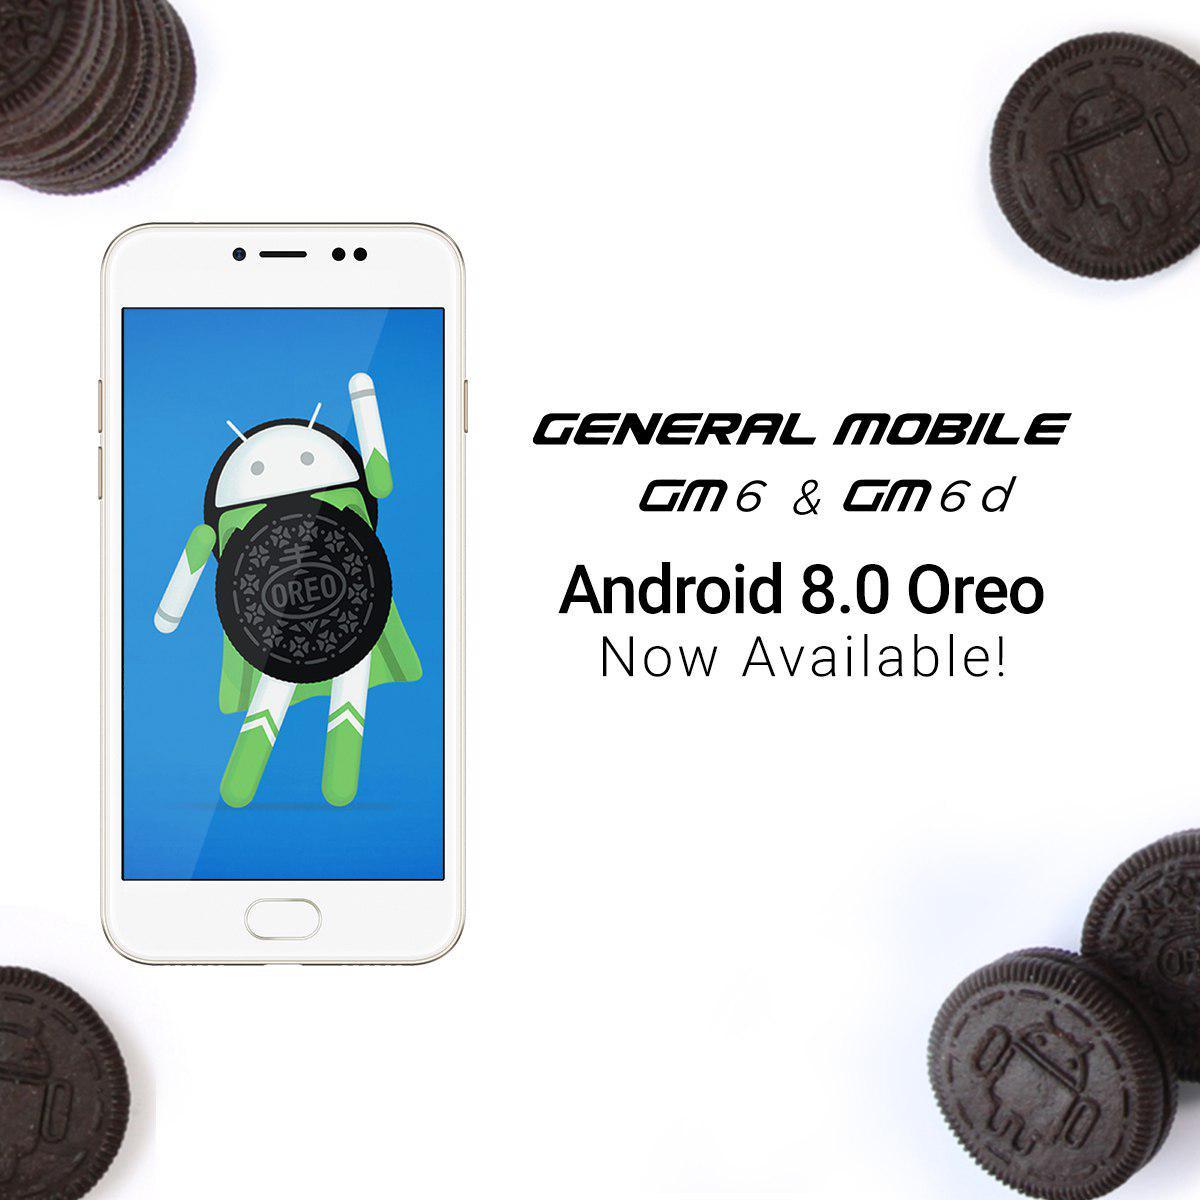 general mobile aggiornamento android 8.0 oreo